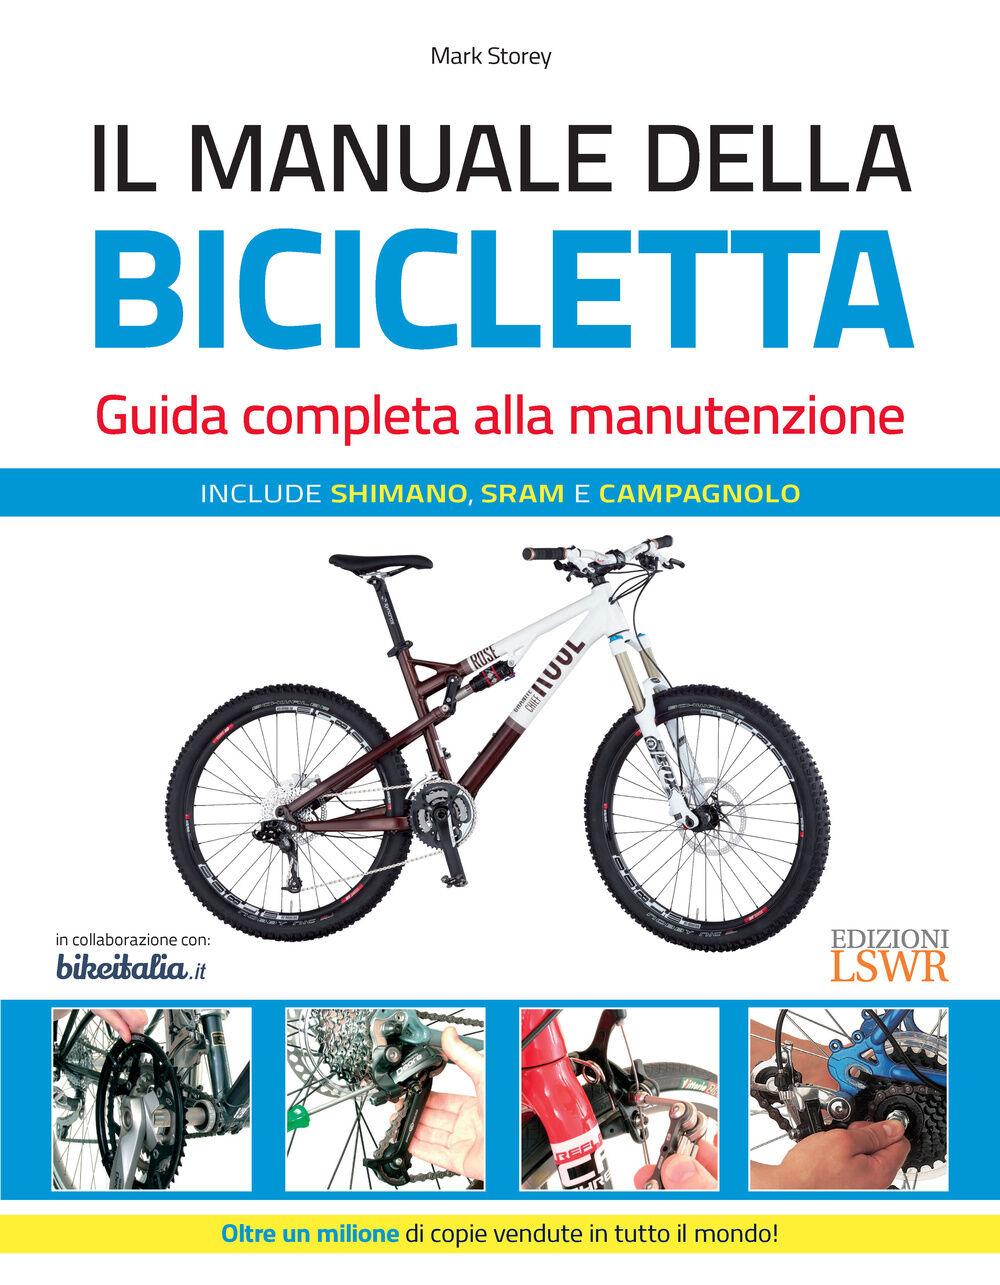 Il manuale della bicicletta. Guida completa alla manutenzione